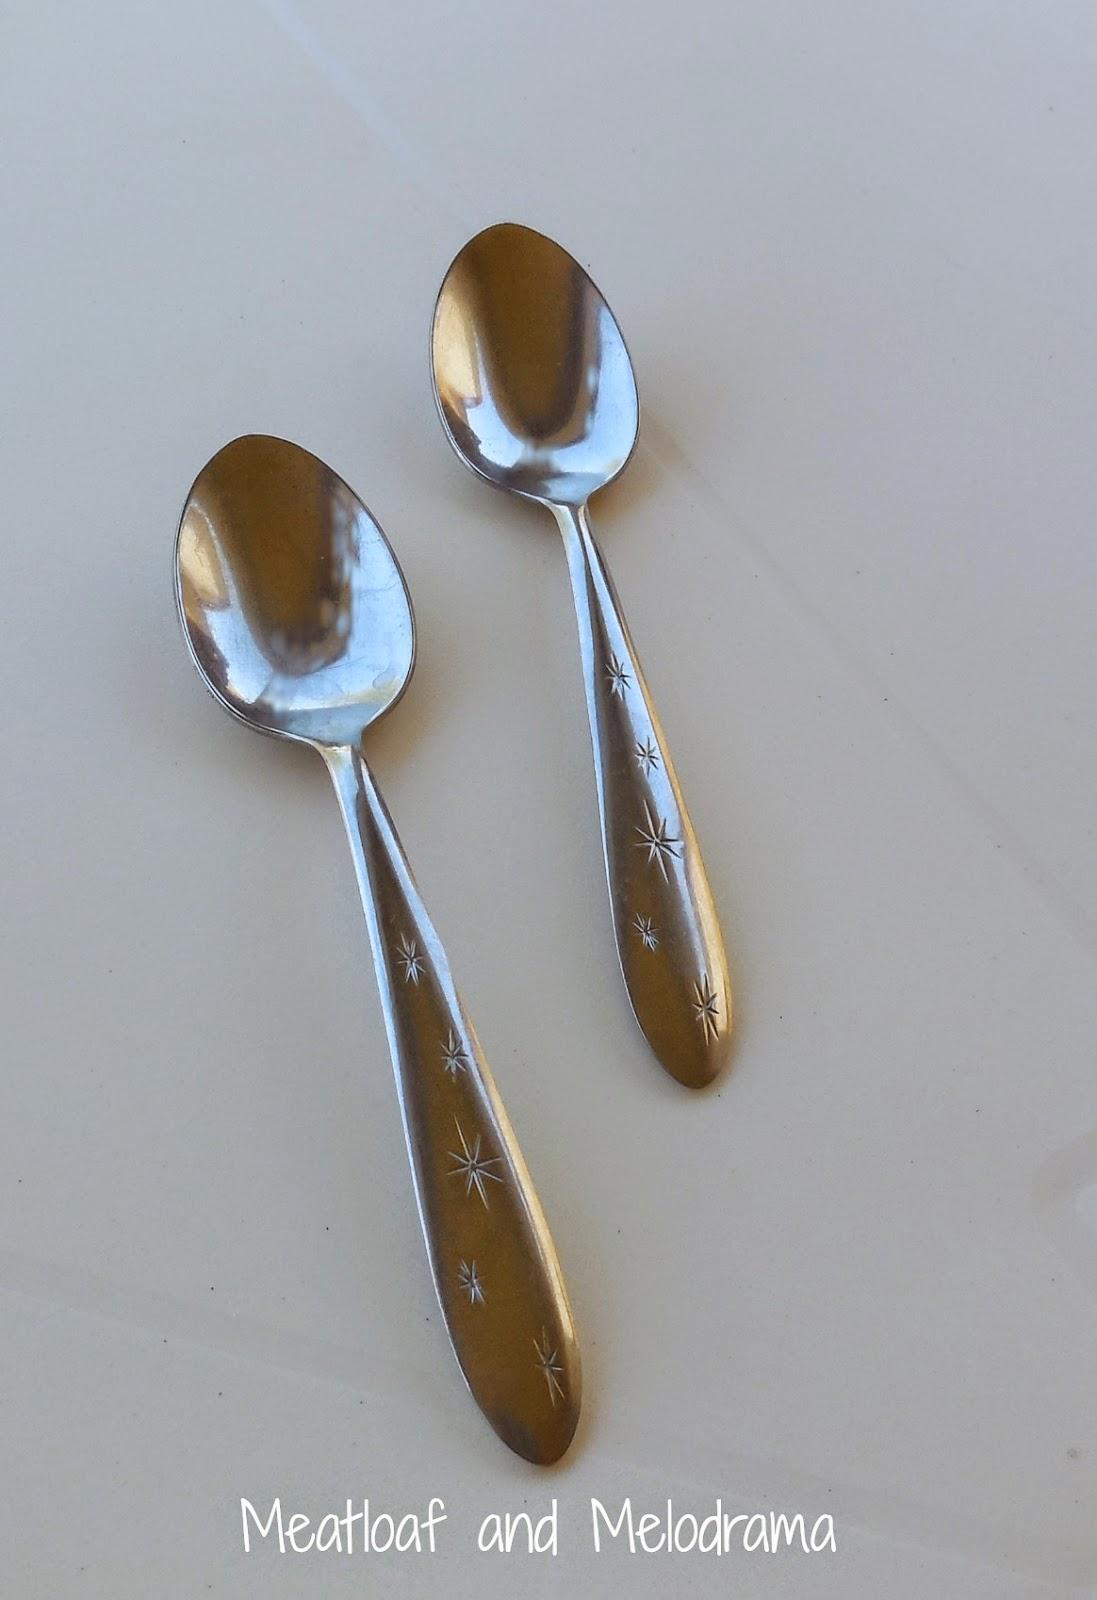 vintage stainless steel spoons starburst pattern